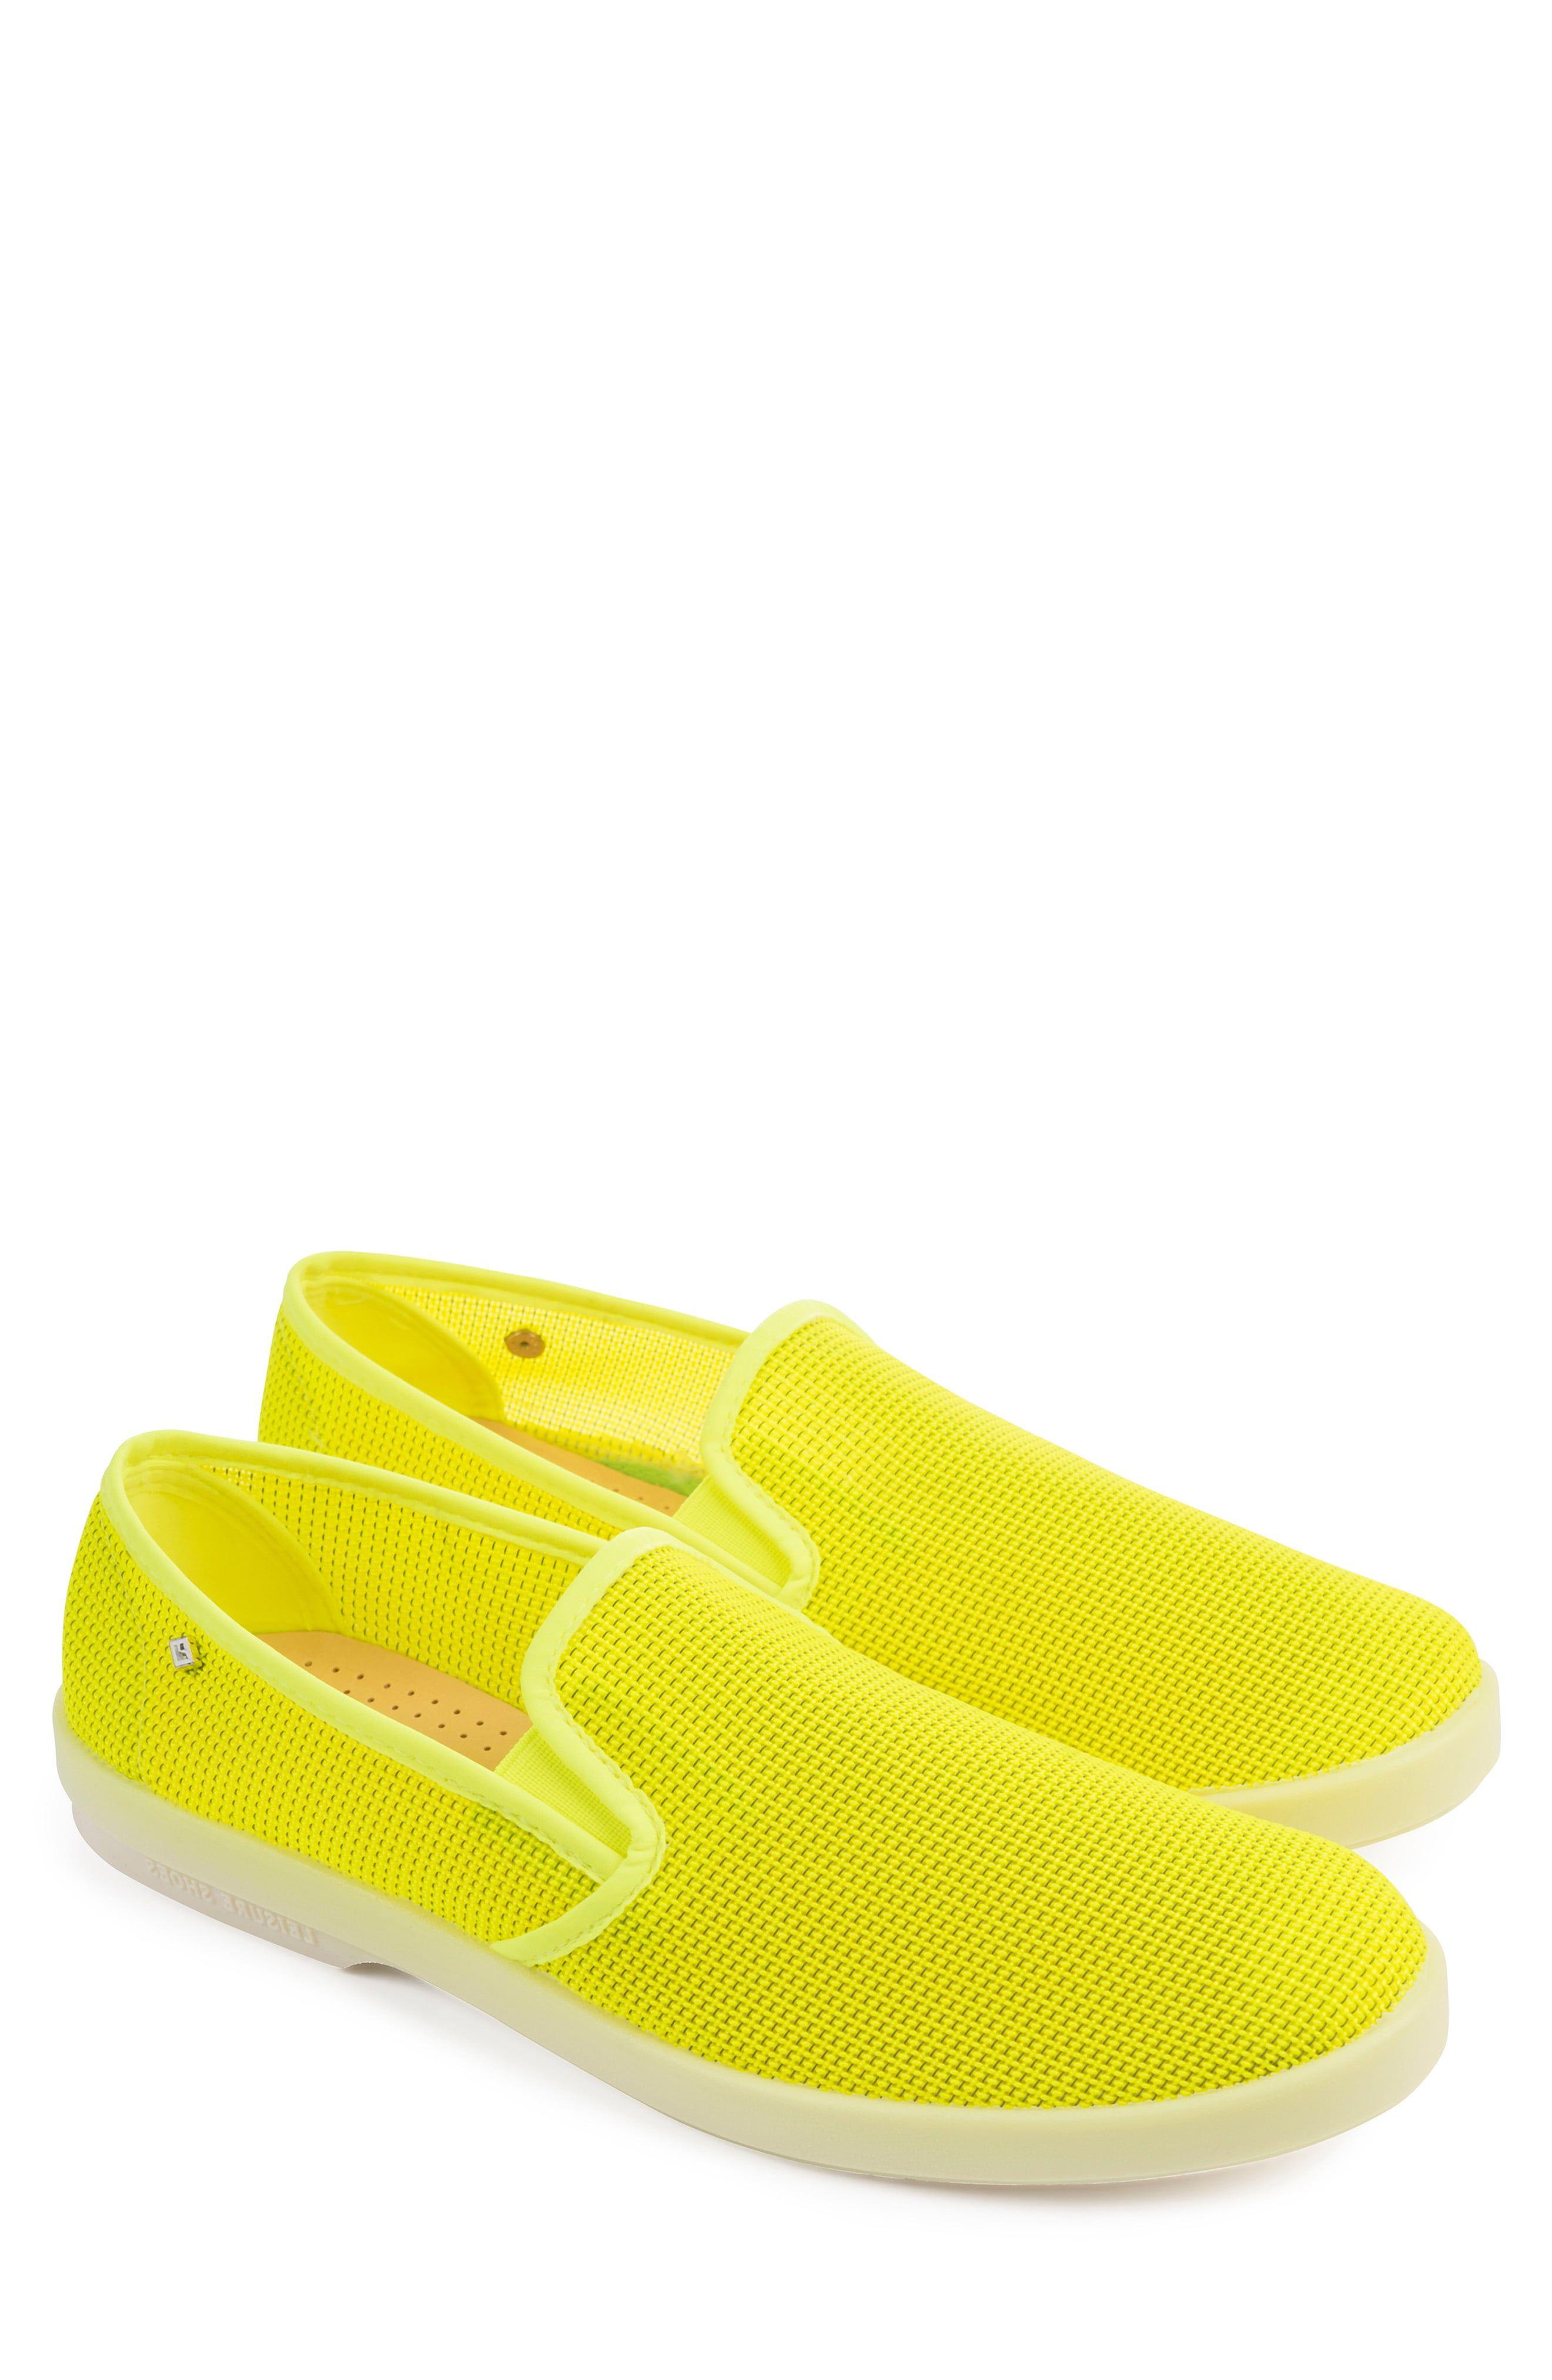 Rivieras Mens Recif Loafers